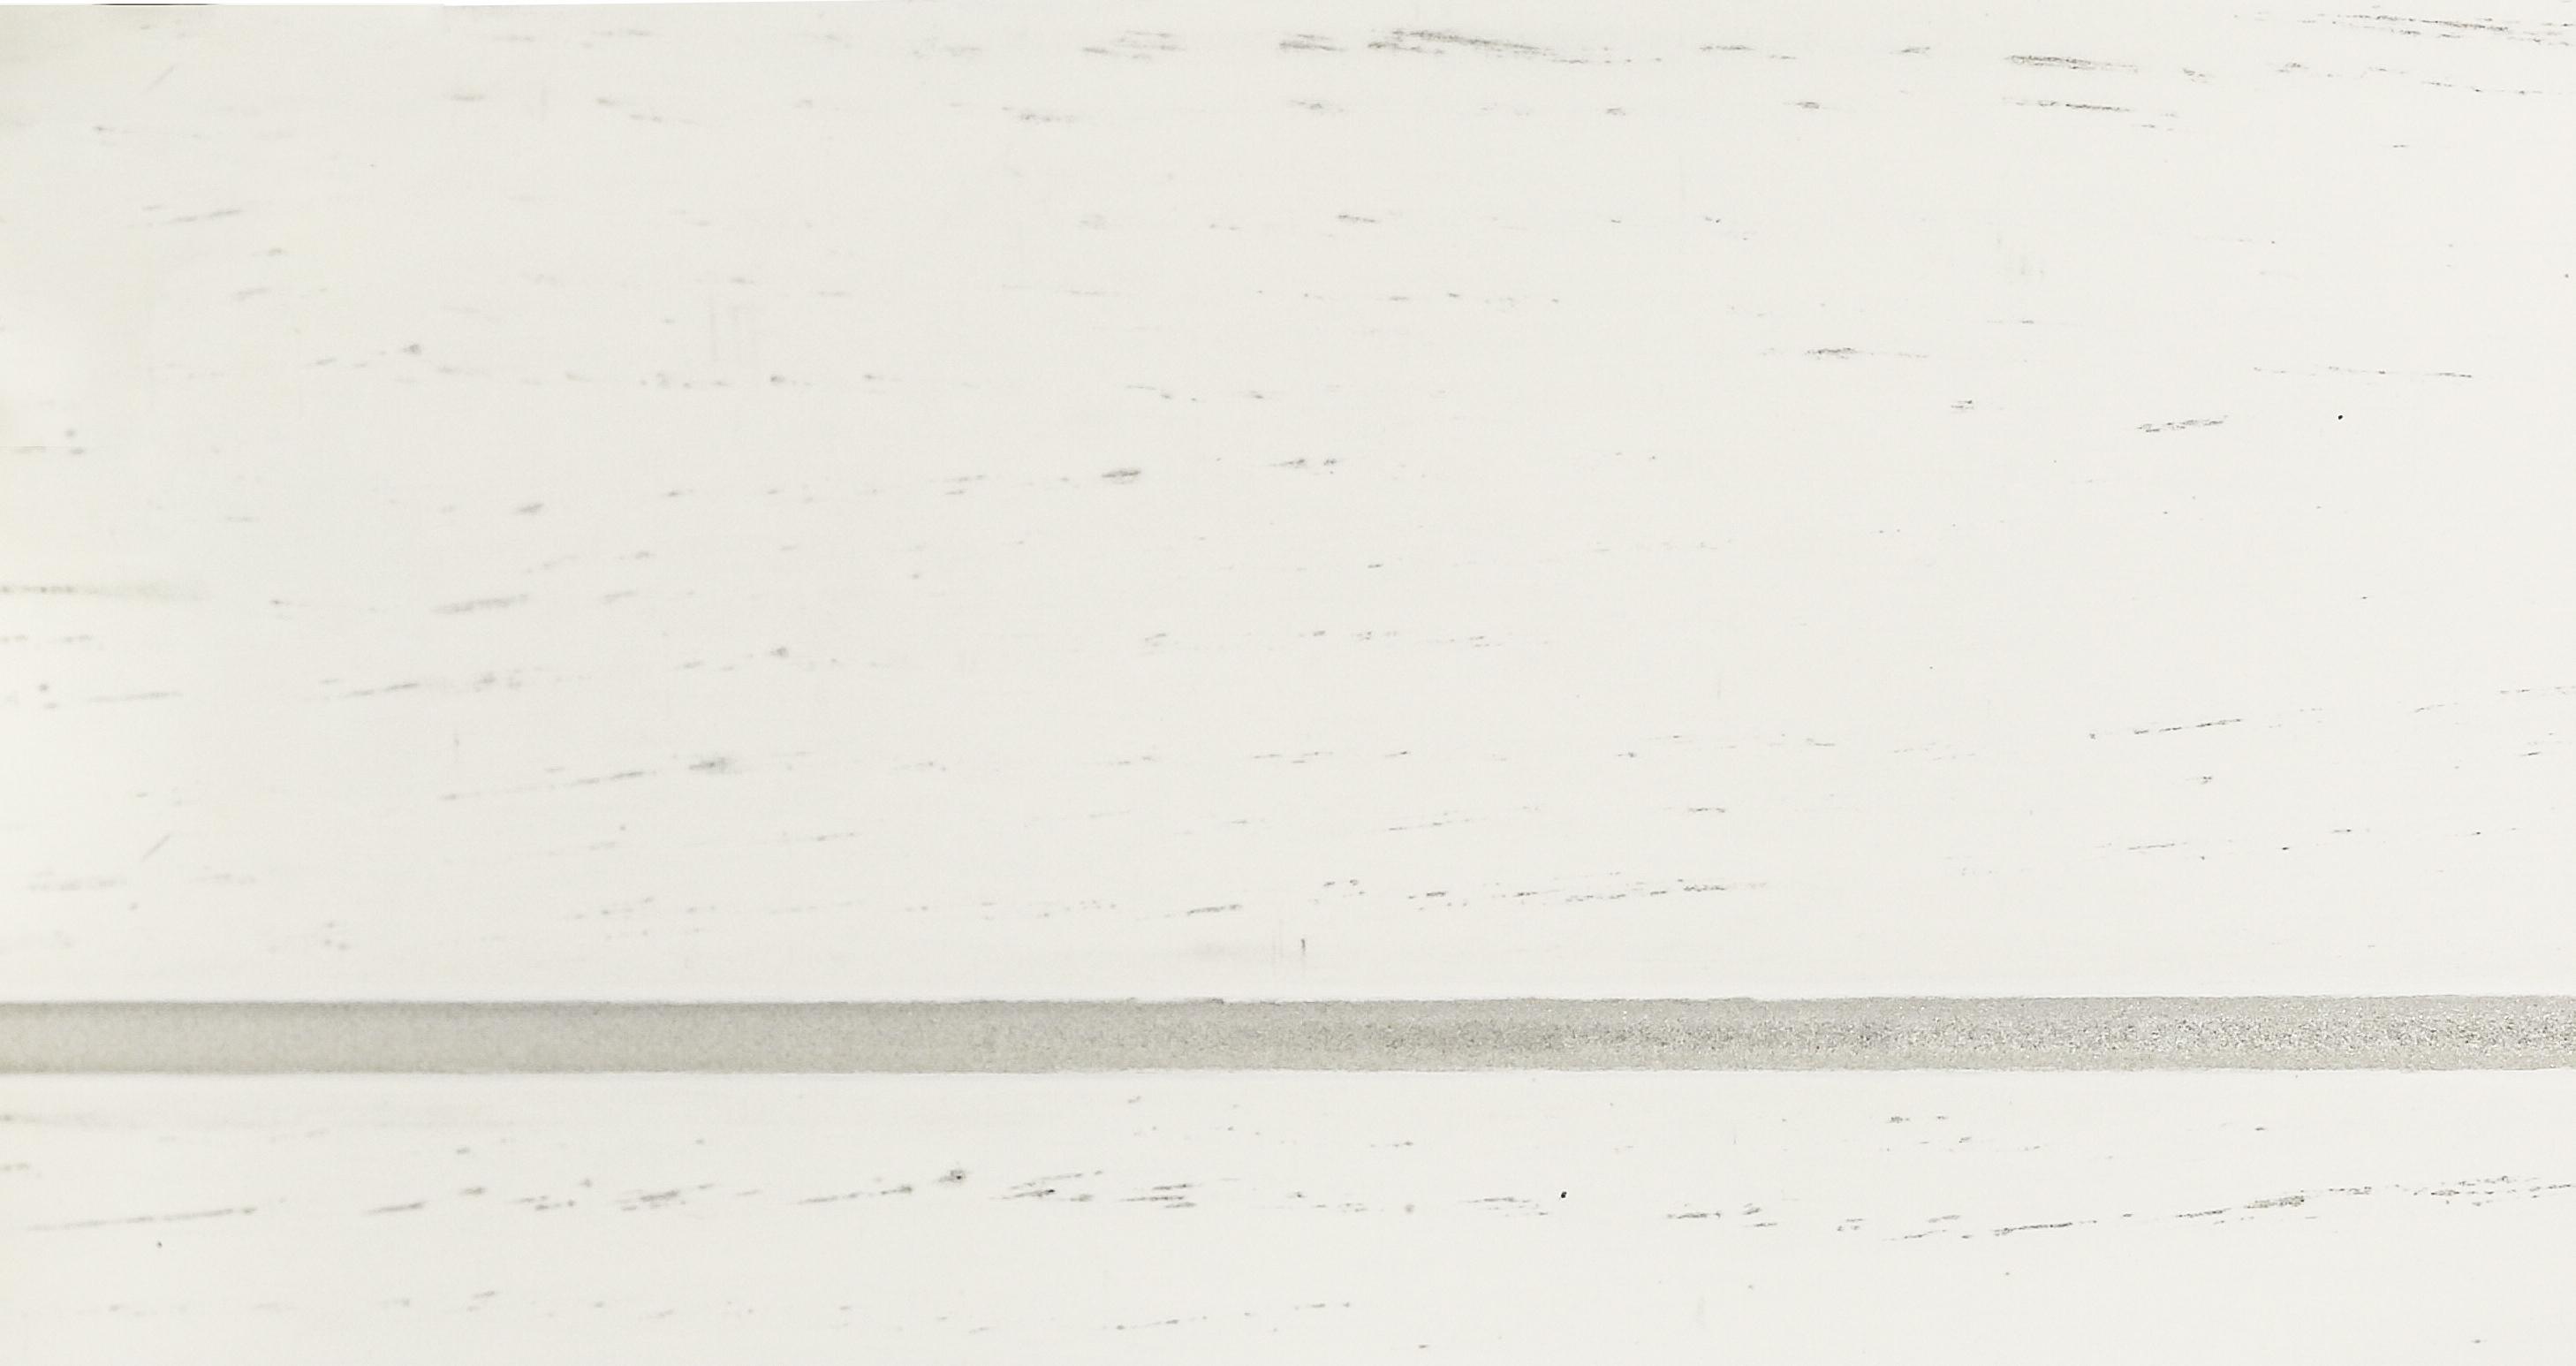 Тон 19. Тонировка II категории: эмаль белая, патина серебро